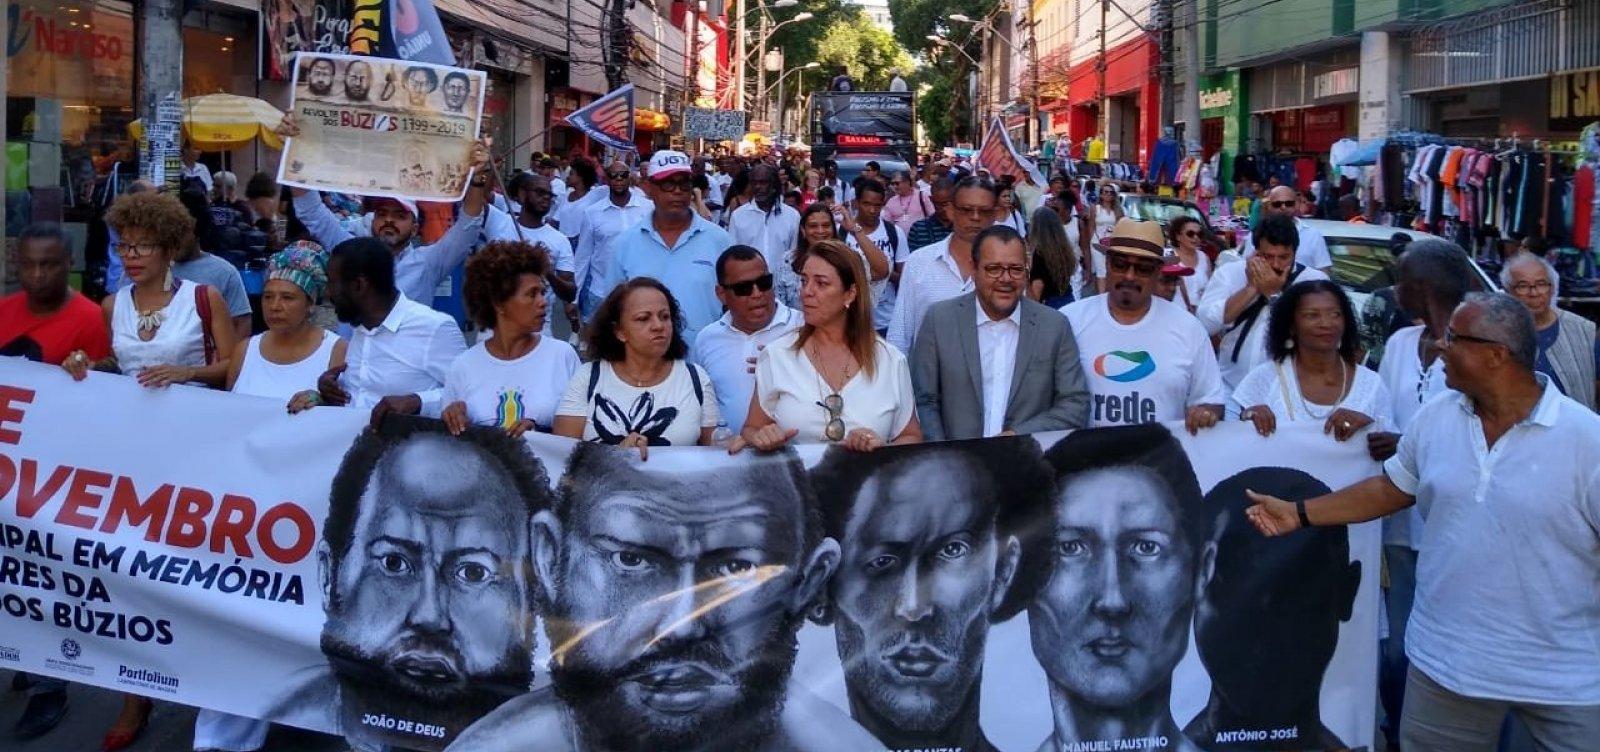 Caminhada do Dia da Memória dos Mártires dos Búzios ocupa Avenida Sete